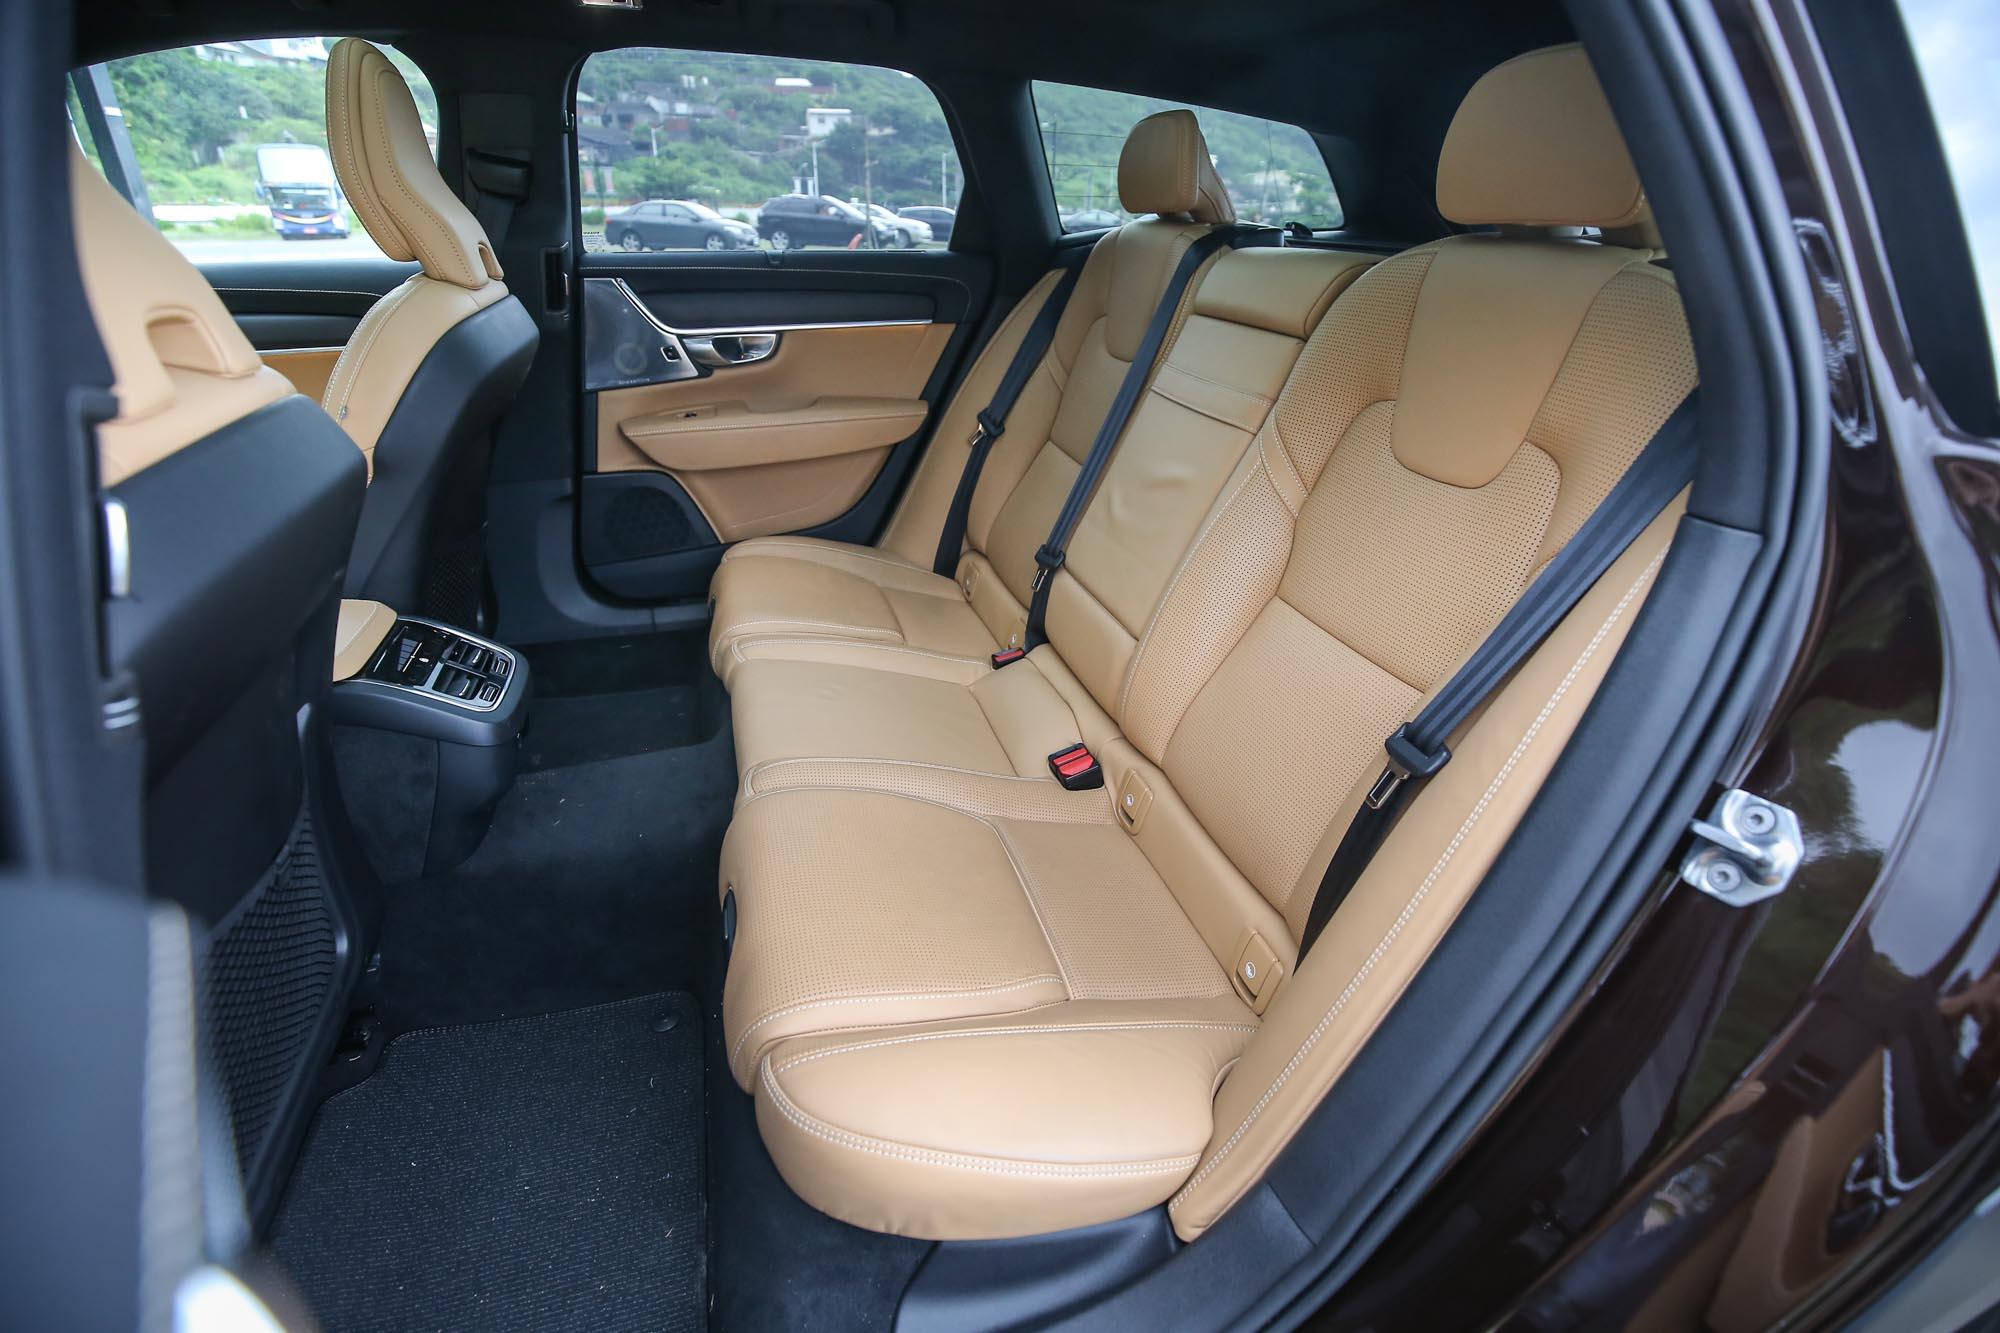 Nappa 皮革包覆的前後座椅,搭配符合人體工學的造型設計,舒適表現難有敵手。